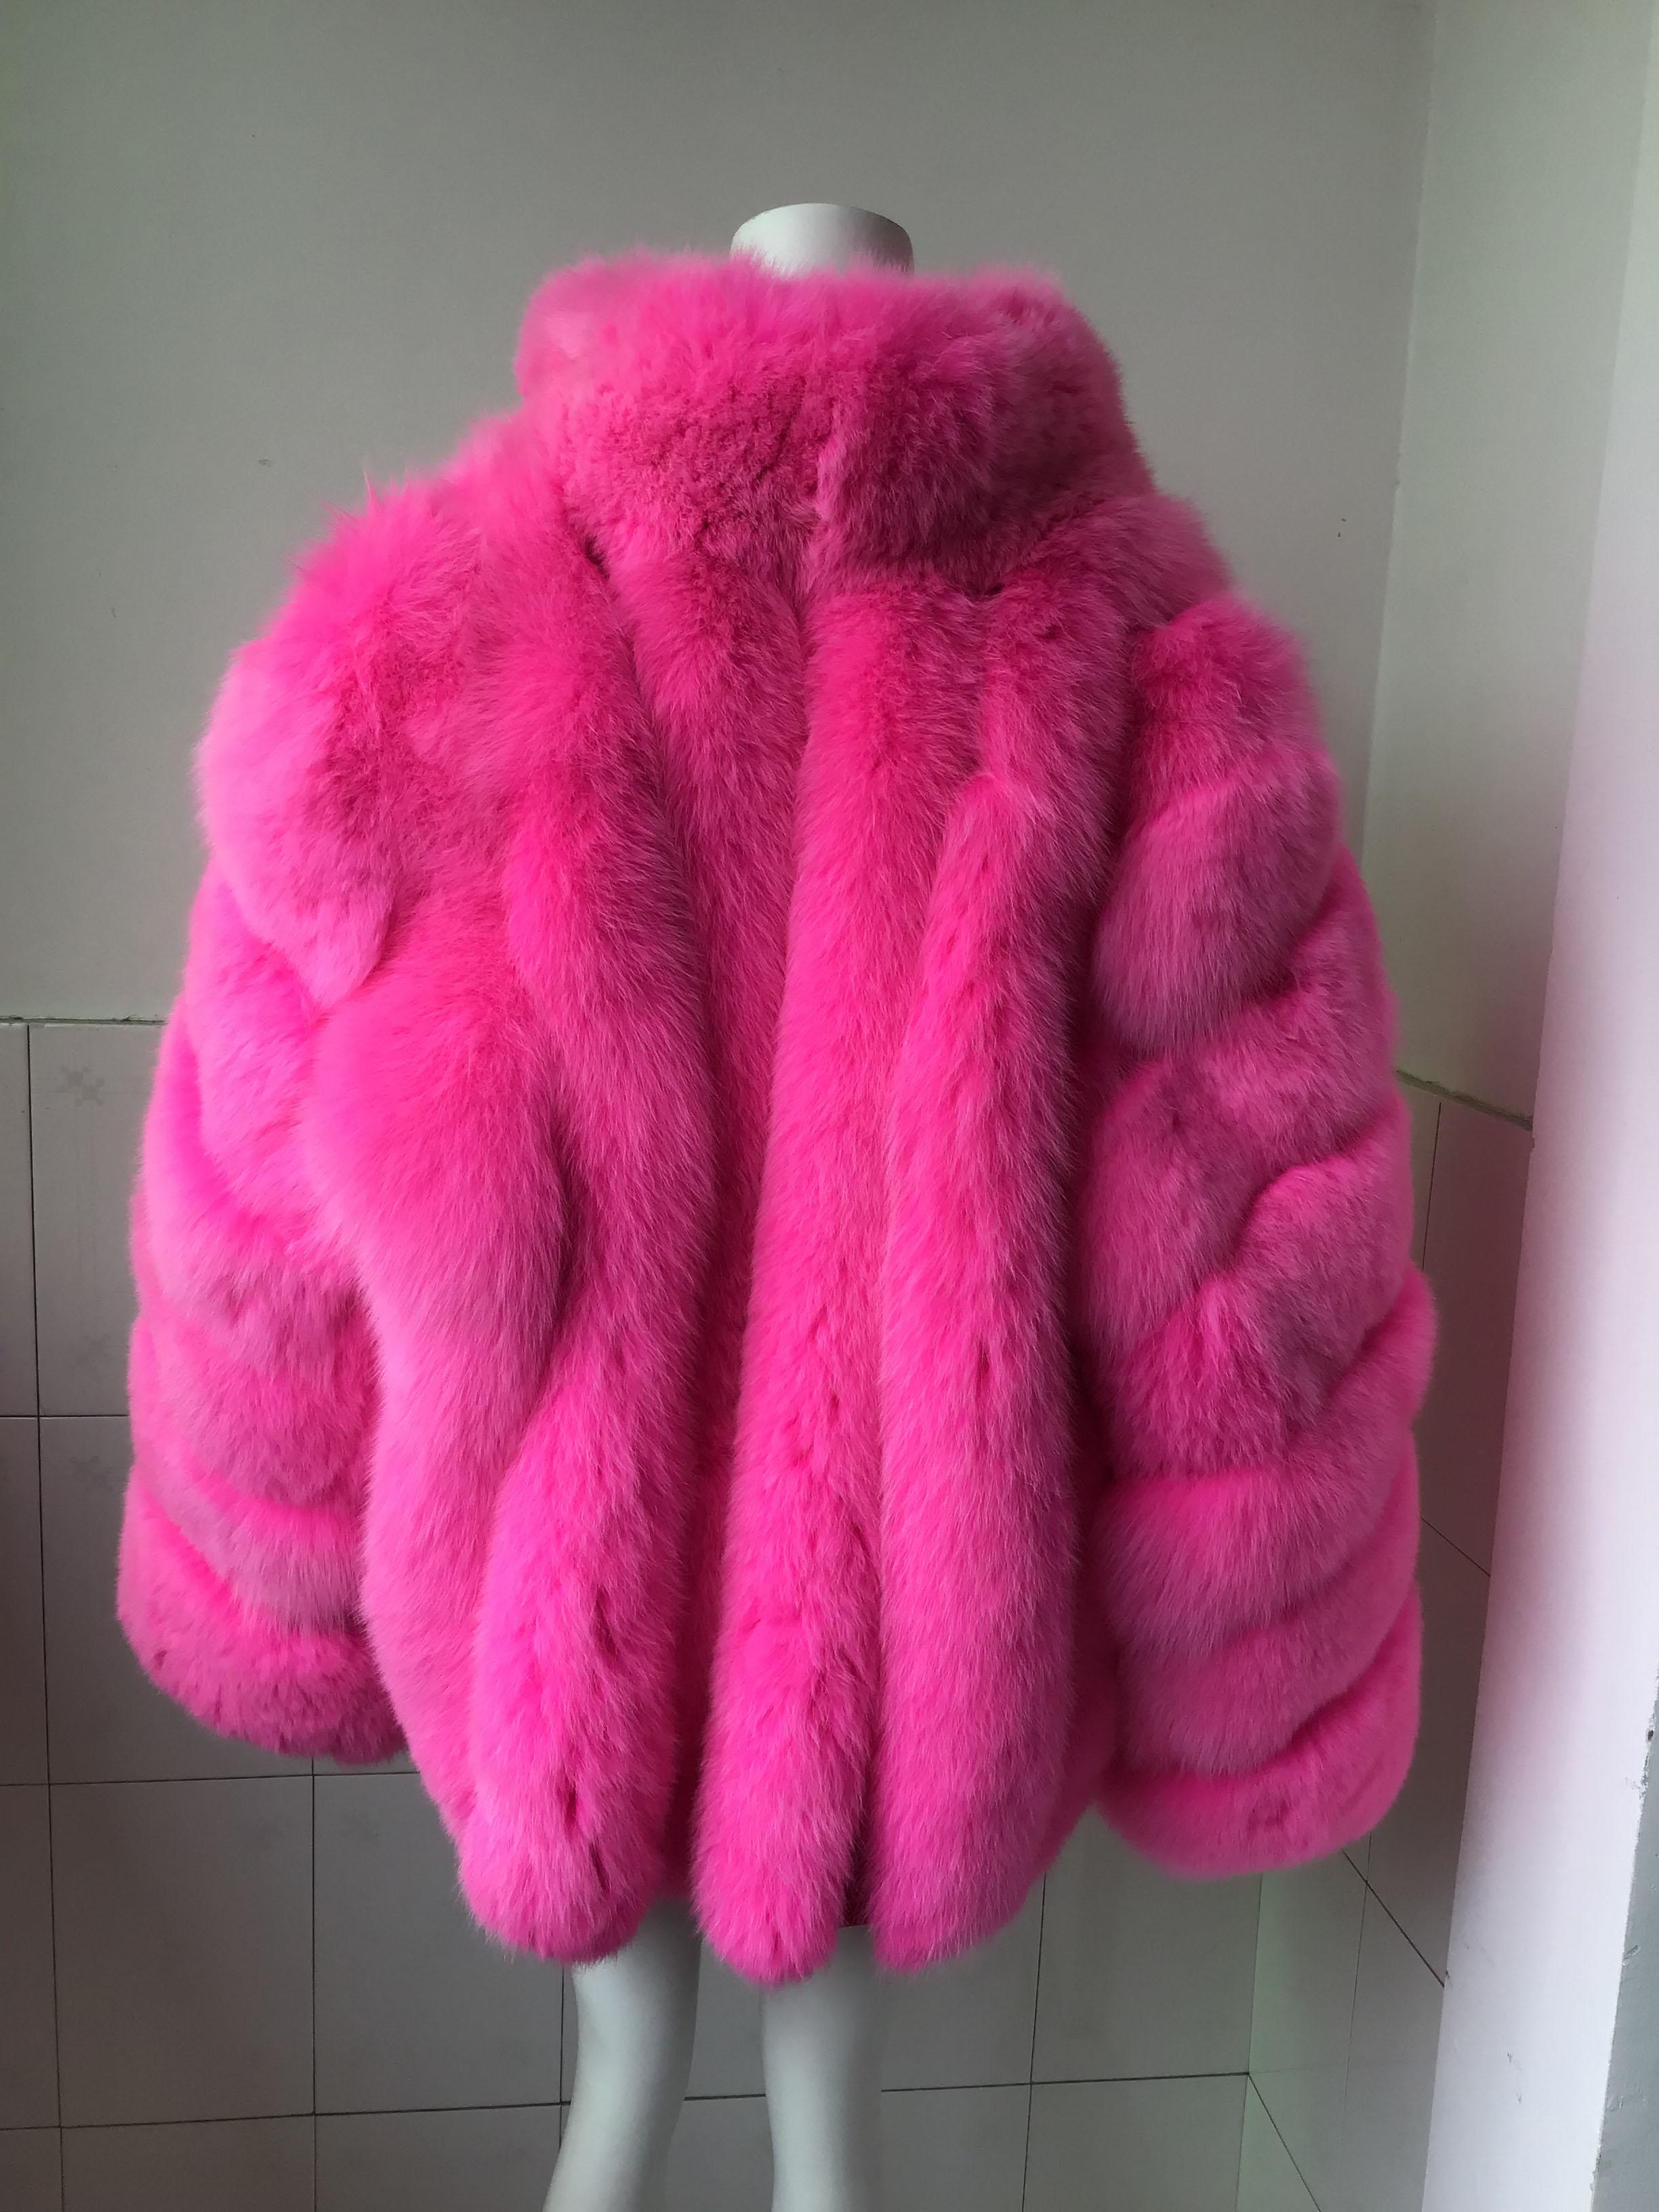 Hot Roze Vos Bont Verticale strepen patchwork lederen streep Grote Pak Kraag jas uitloper jacket winter parka plus size - 4